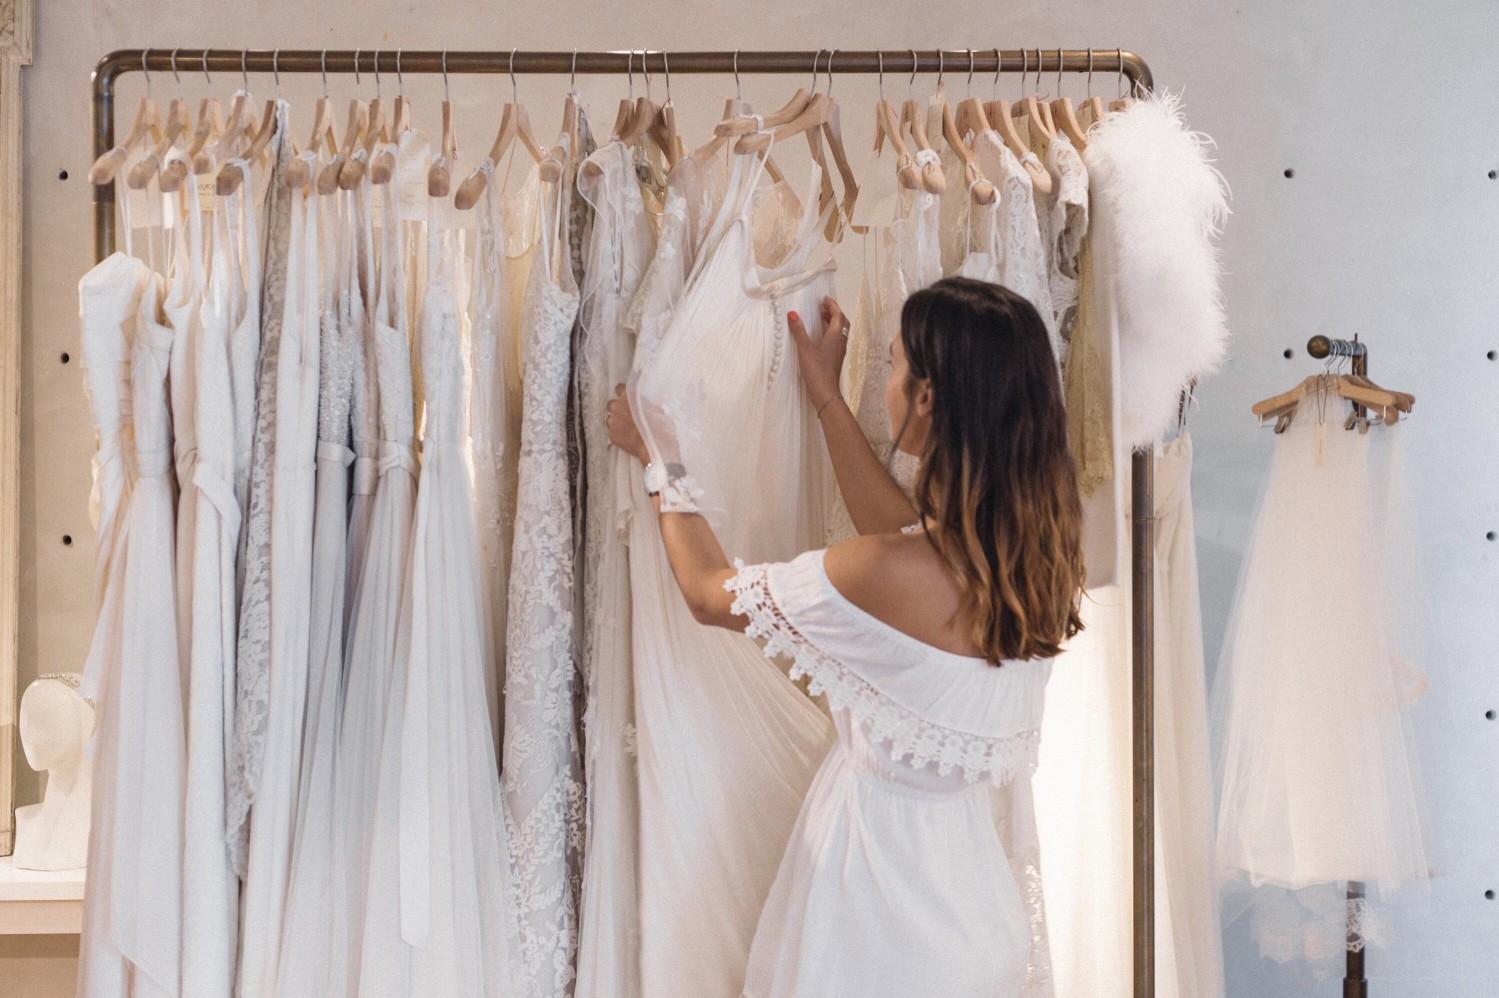 Quand chercher acheter robe mariage